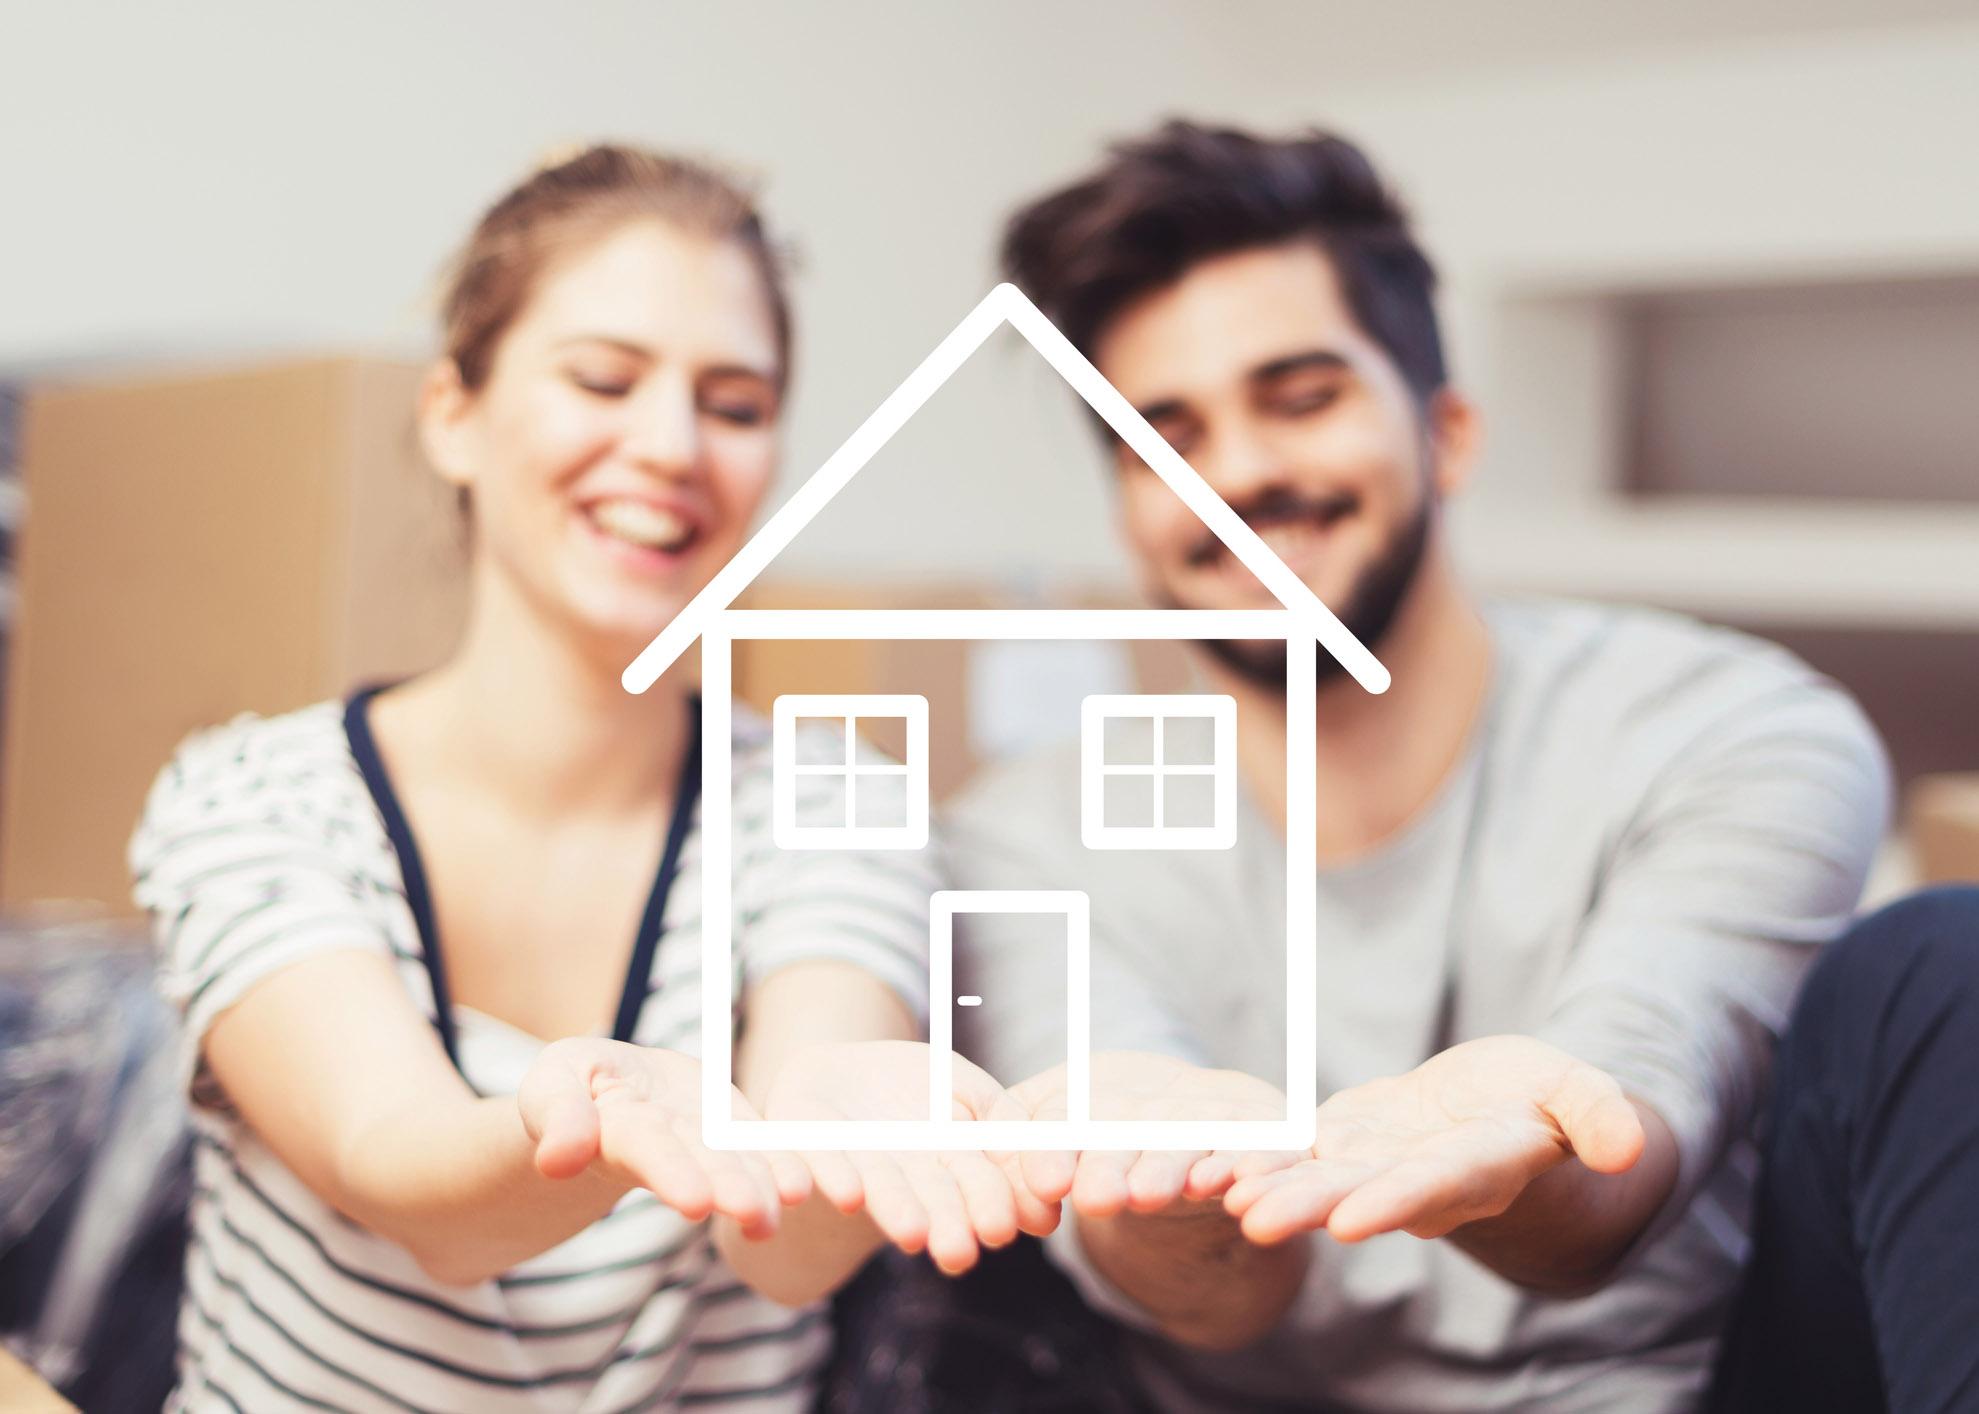 jovens comprar casa